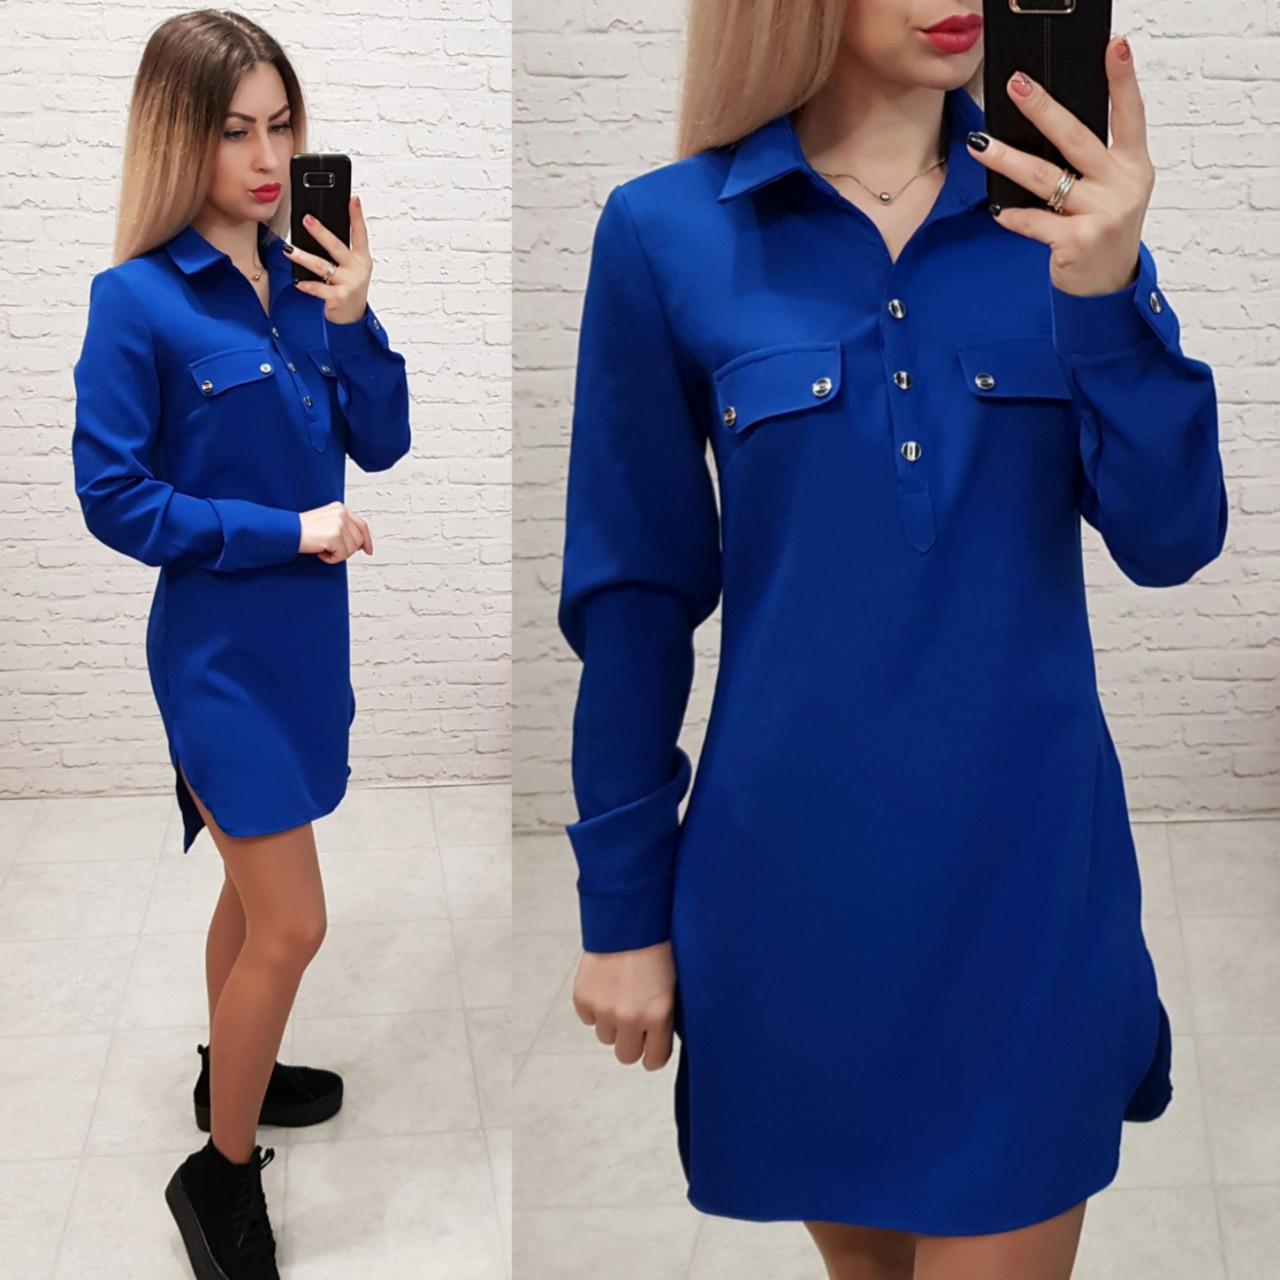 Платье-рубашка, креп, модель 825, цвет - электрик